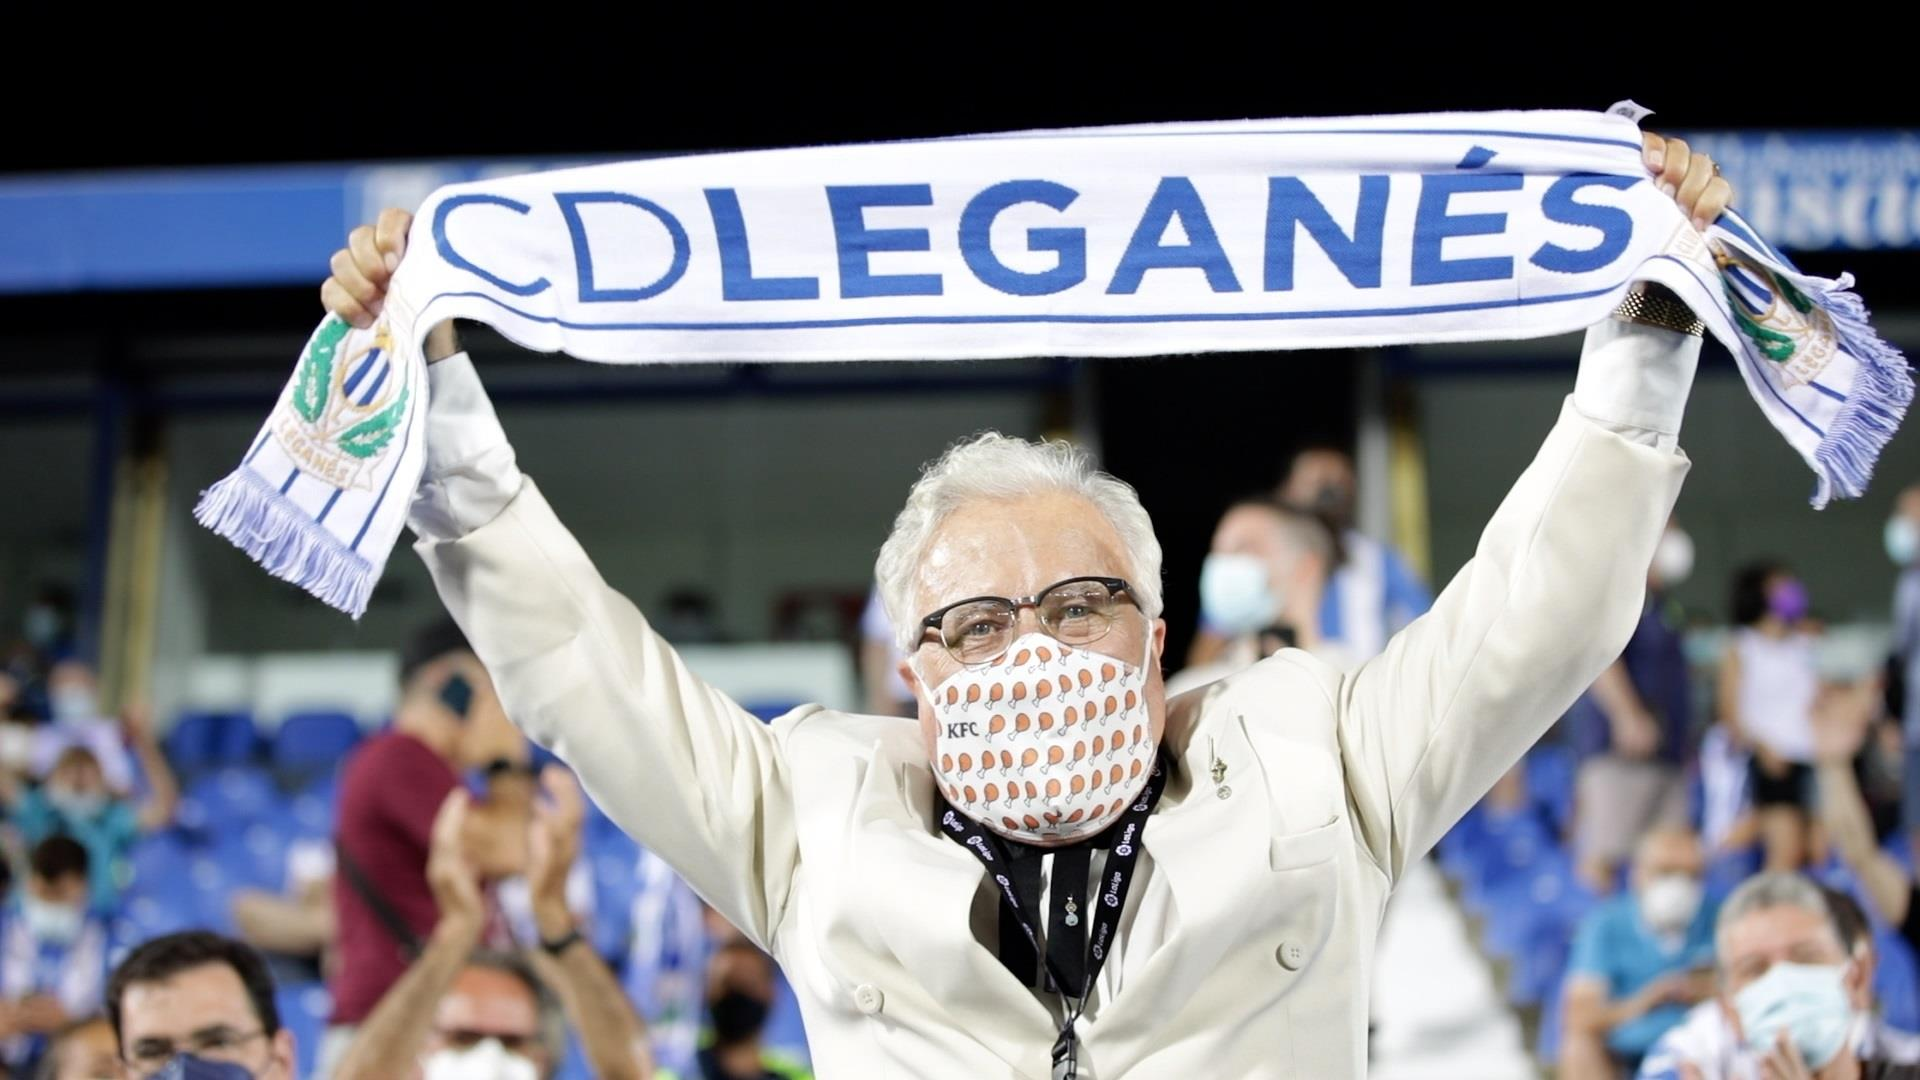 El C.D. Leganés convierte a sus capitanes en coroneles para buscar el ascenso, en una campaña de promoción junto a la cadena de comida KFC.